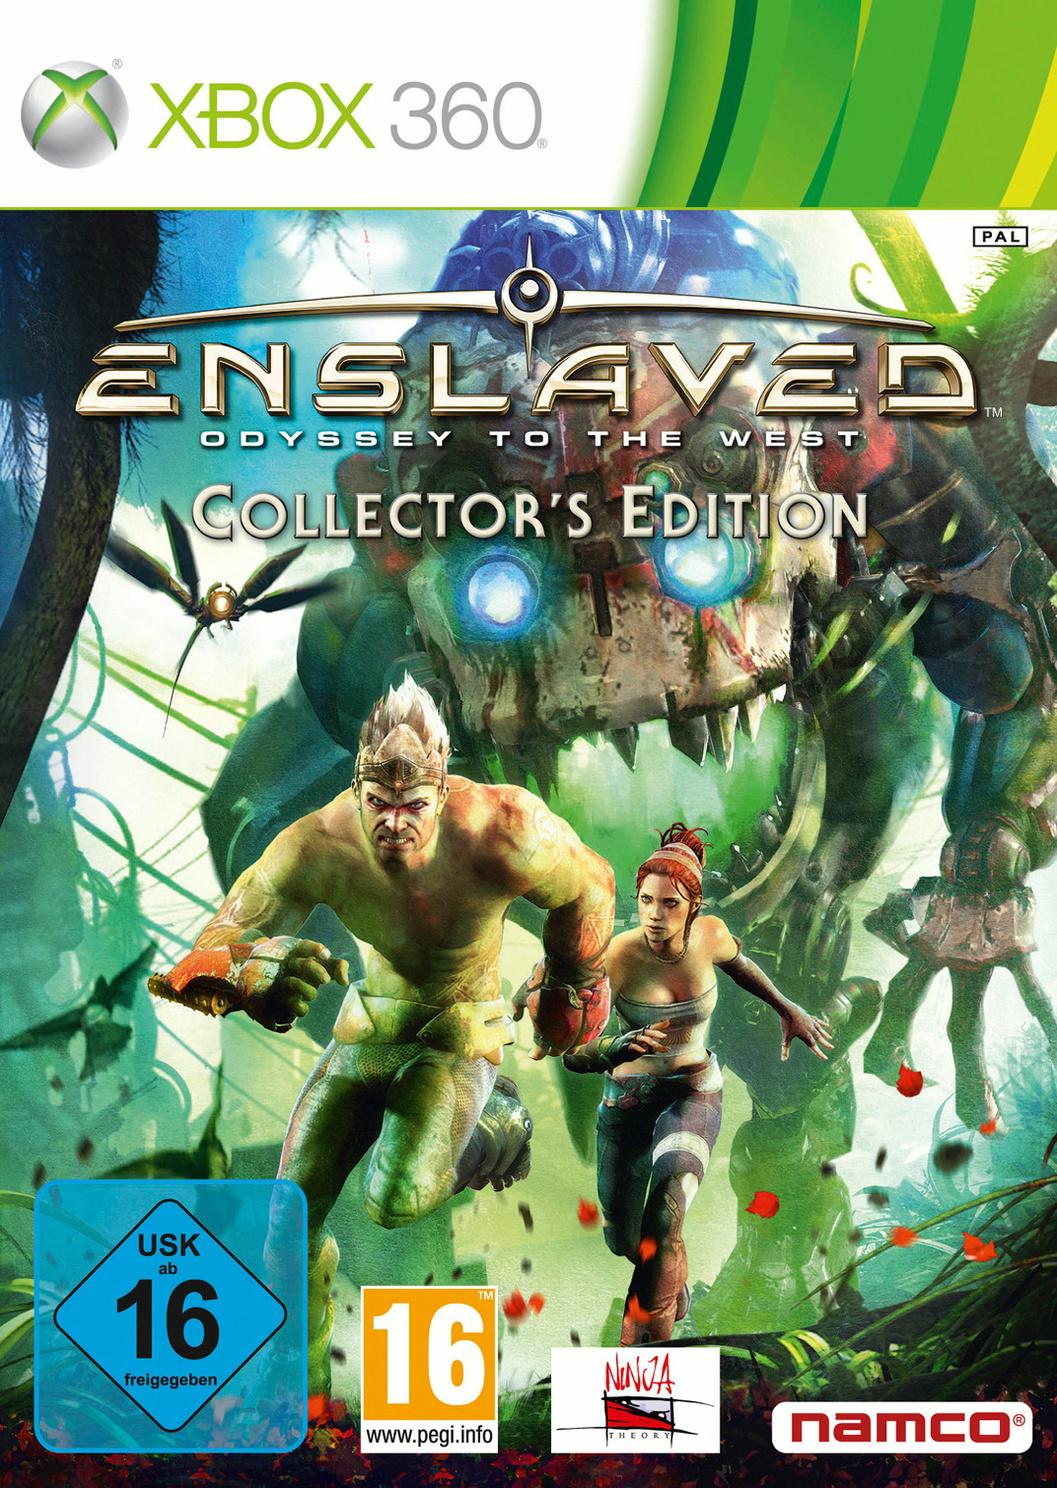 Enslaved Collectors Edition